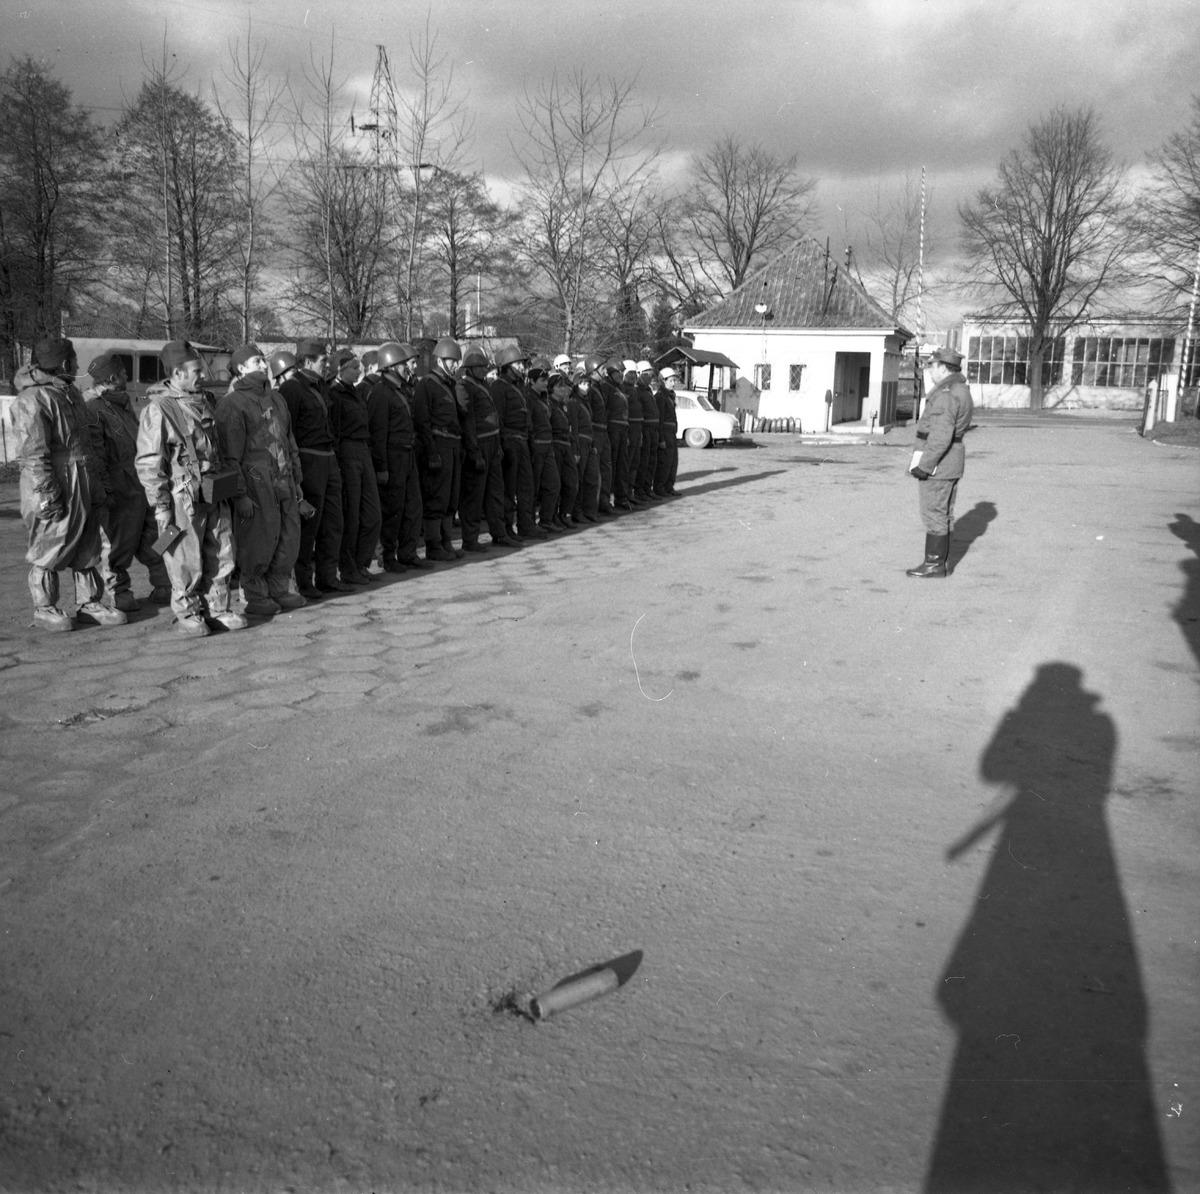 Ćwiczenia obrony cywilnej [7]